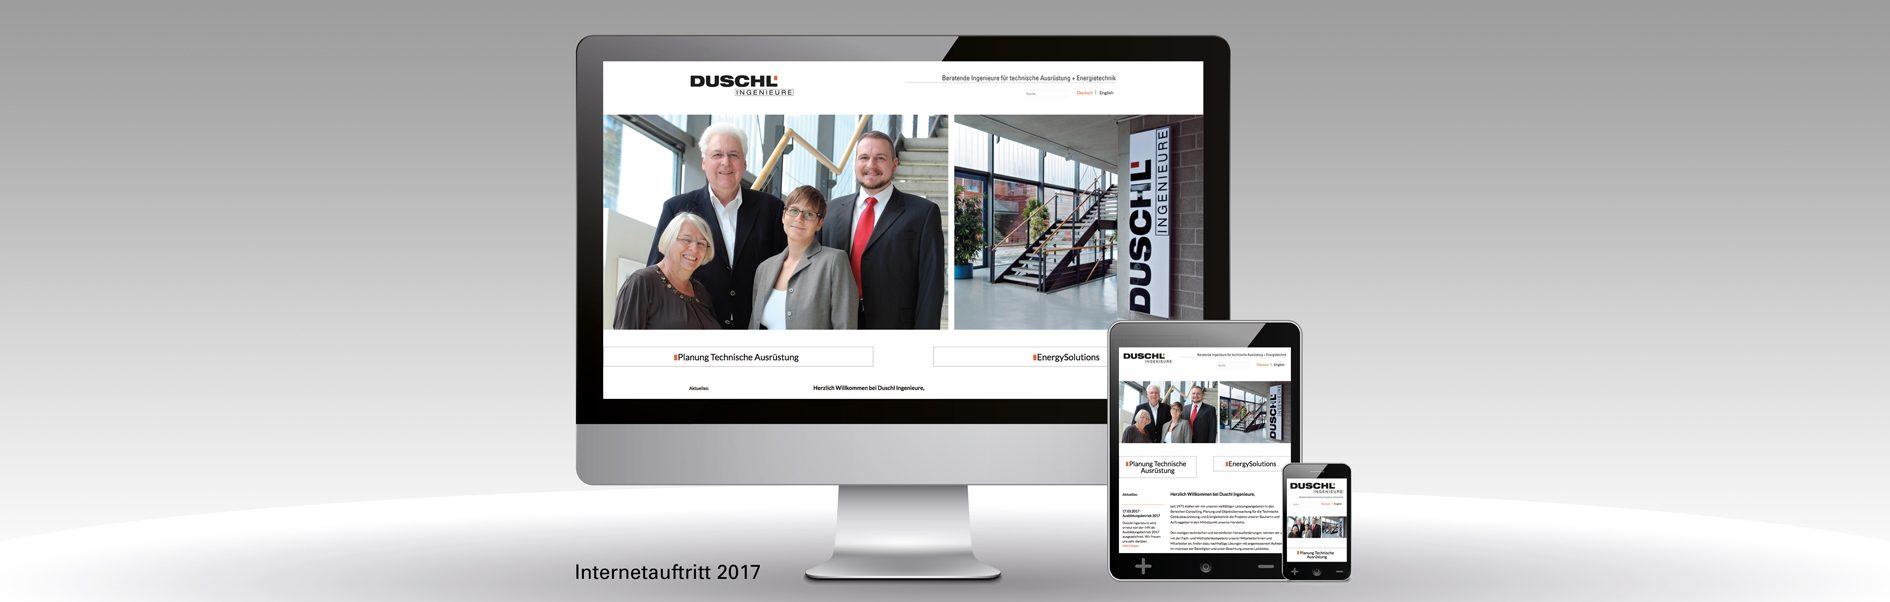 Hier ist die neue Website von Duschl zu sehen.